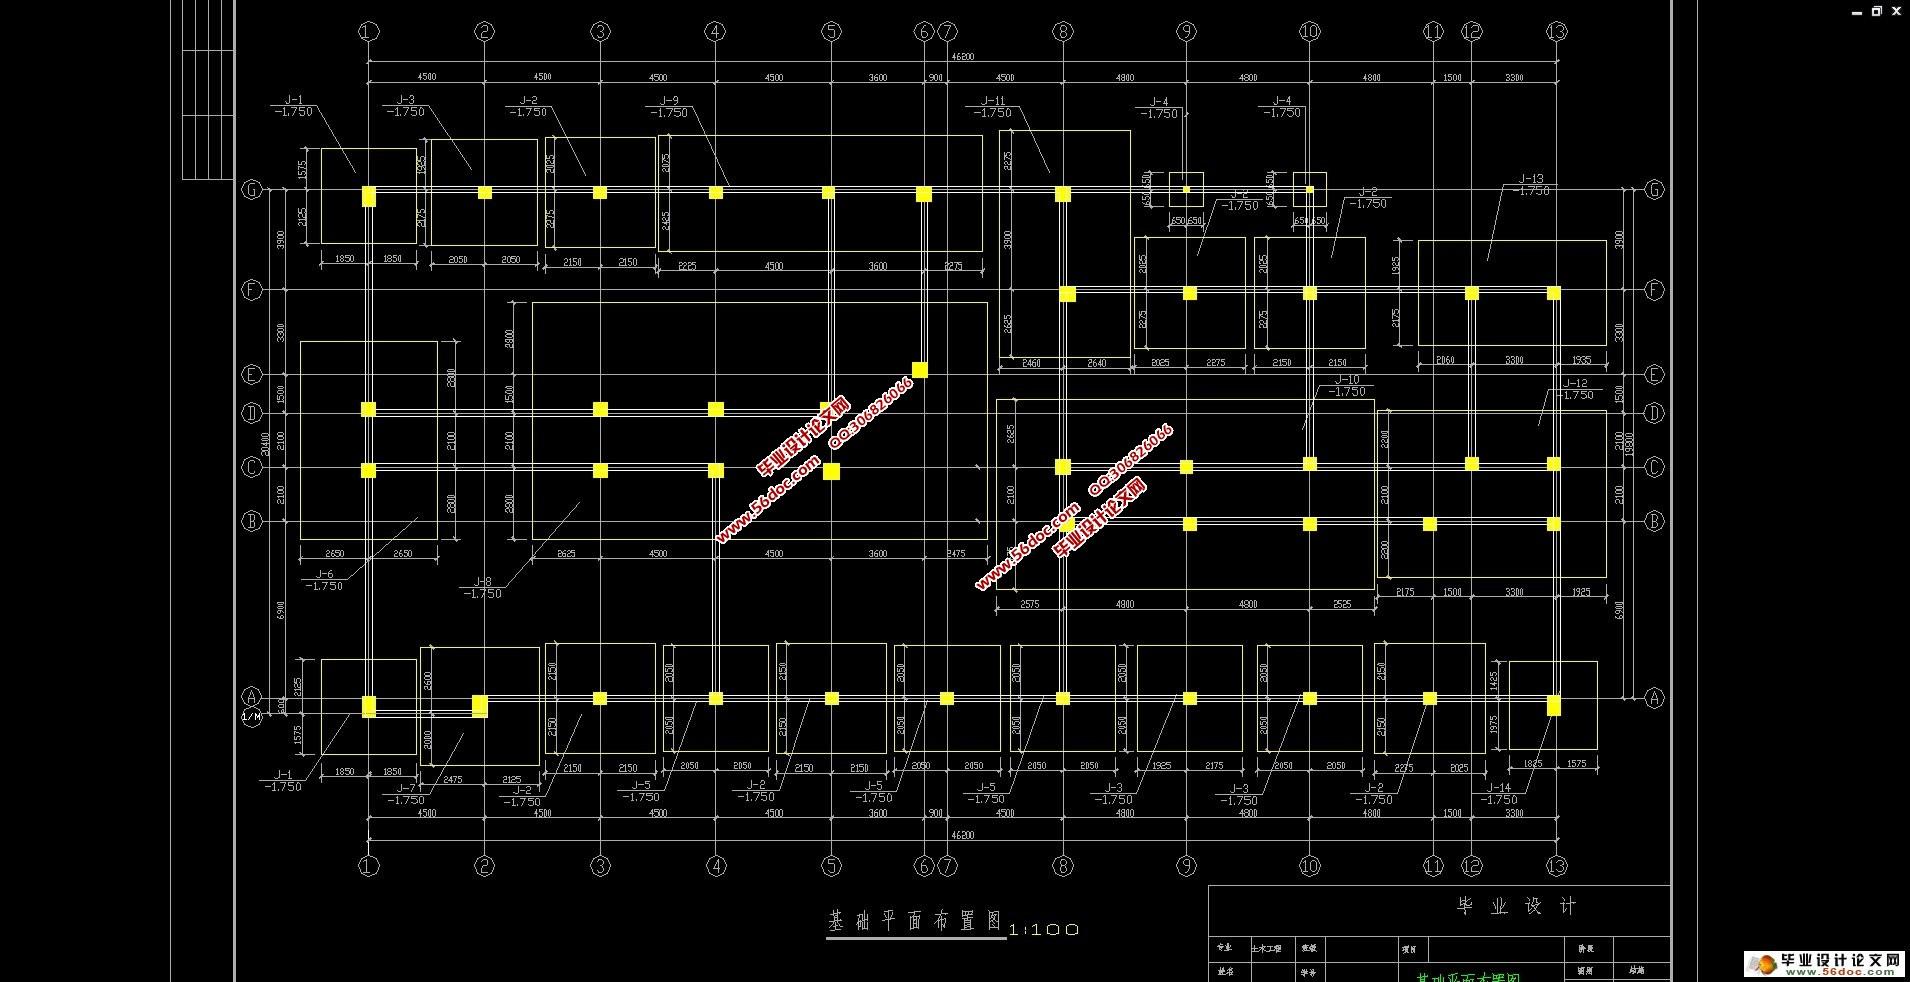 组织37000字,结构图17张,进度计划表,平面布置图) (一) 建筑物概况 本工程为某办公综合楼工程,框架结构体系。房屋的跨度为19.8m,总长46.2m,总建筑面积为6118.5 m2,基底面积896.1m 层数为7层,总高28.600m。首层层高4.80米、二层层高4.20米,三至六层层高3.60米,顶层层高4.